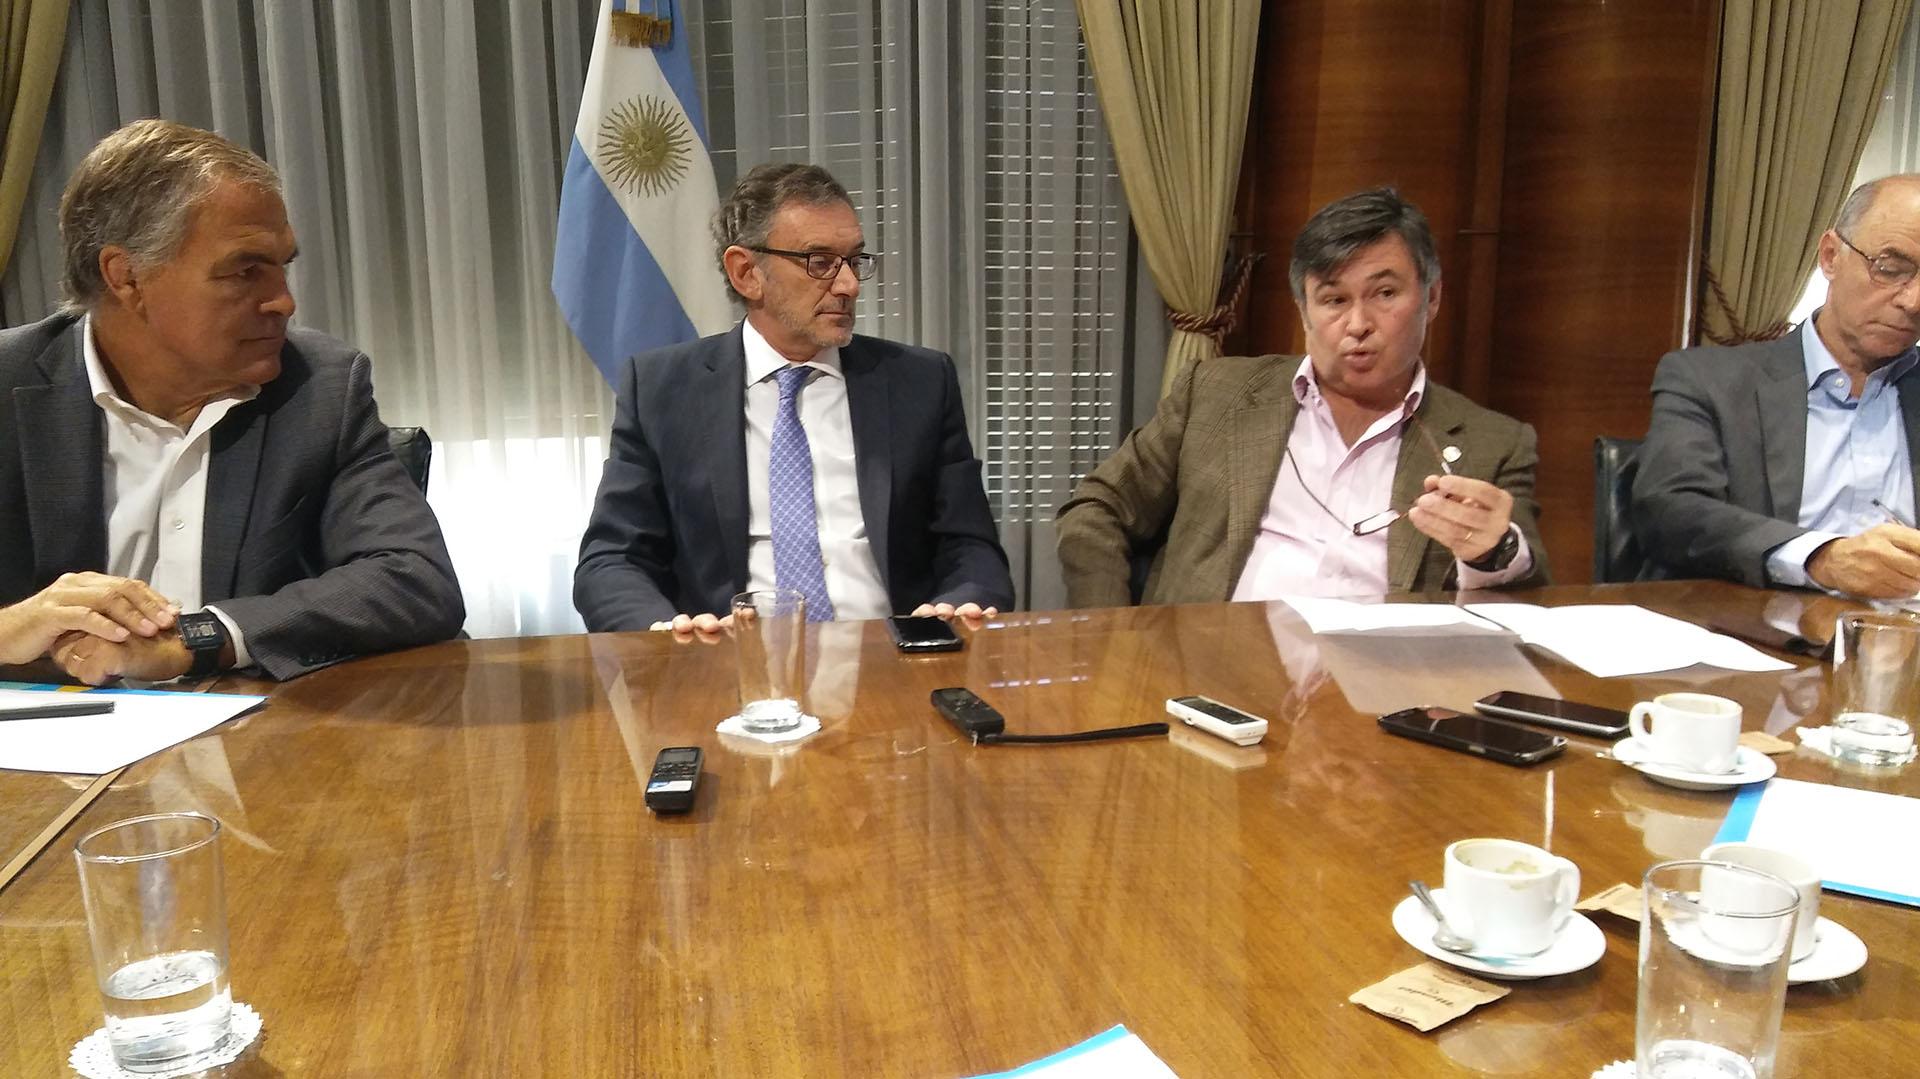 Los empresarios Daniel Aguirre, Claudio Cesareo, Daniel Pelegrina y Juan Chediak